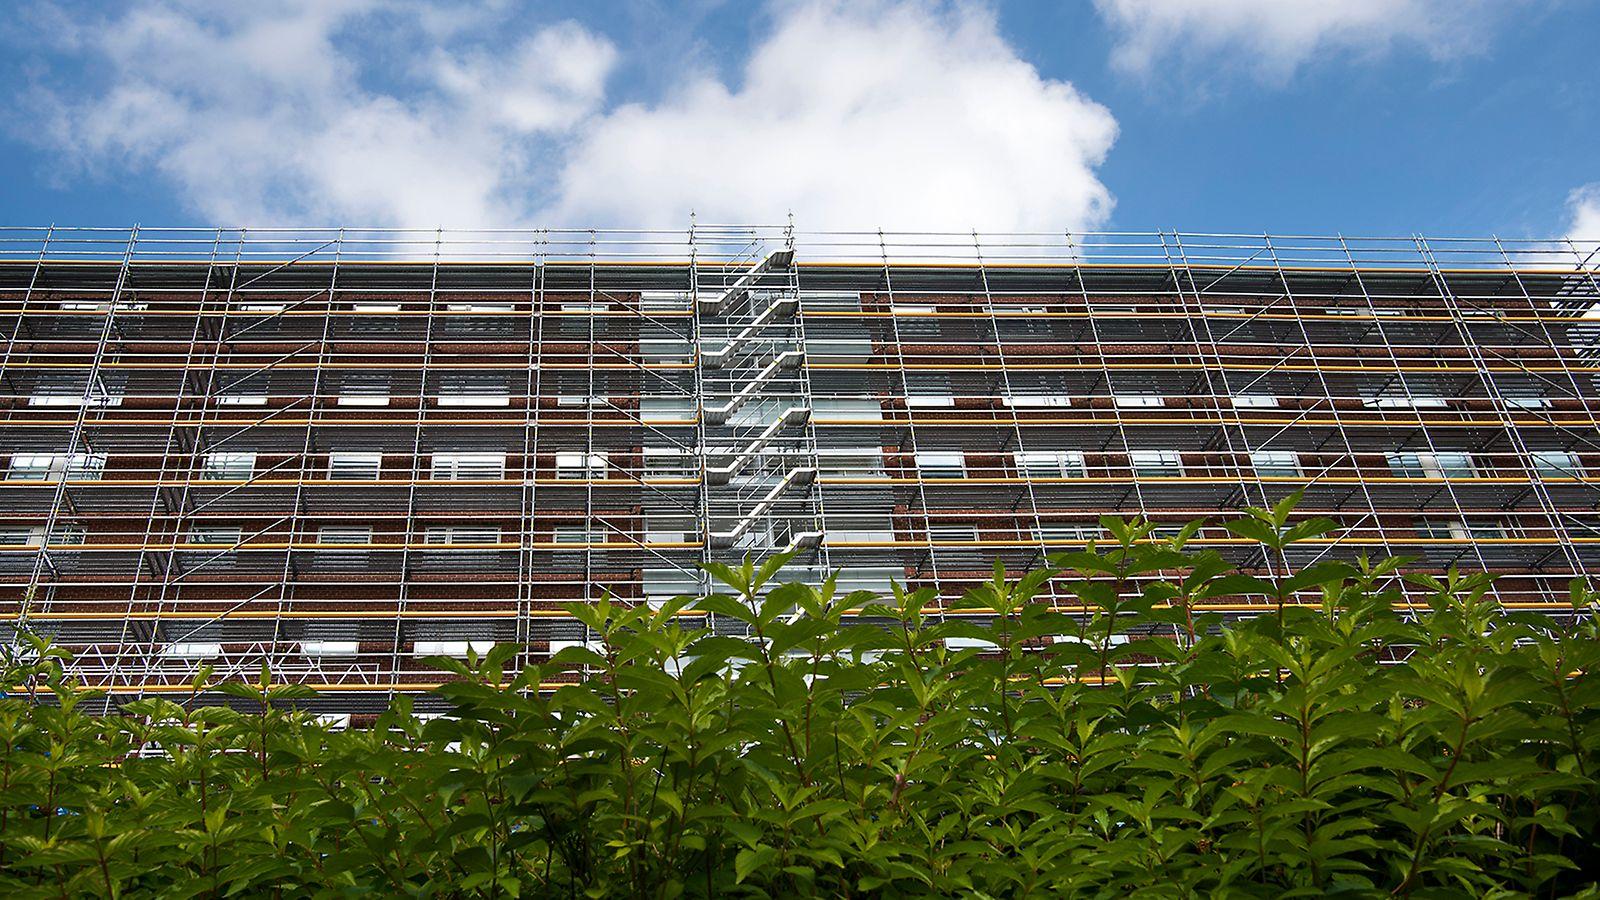 PERI UP Flex fasadställning används för underhållsarbete av tak och fasad.